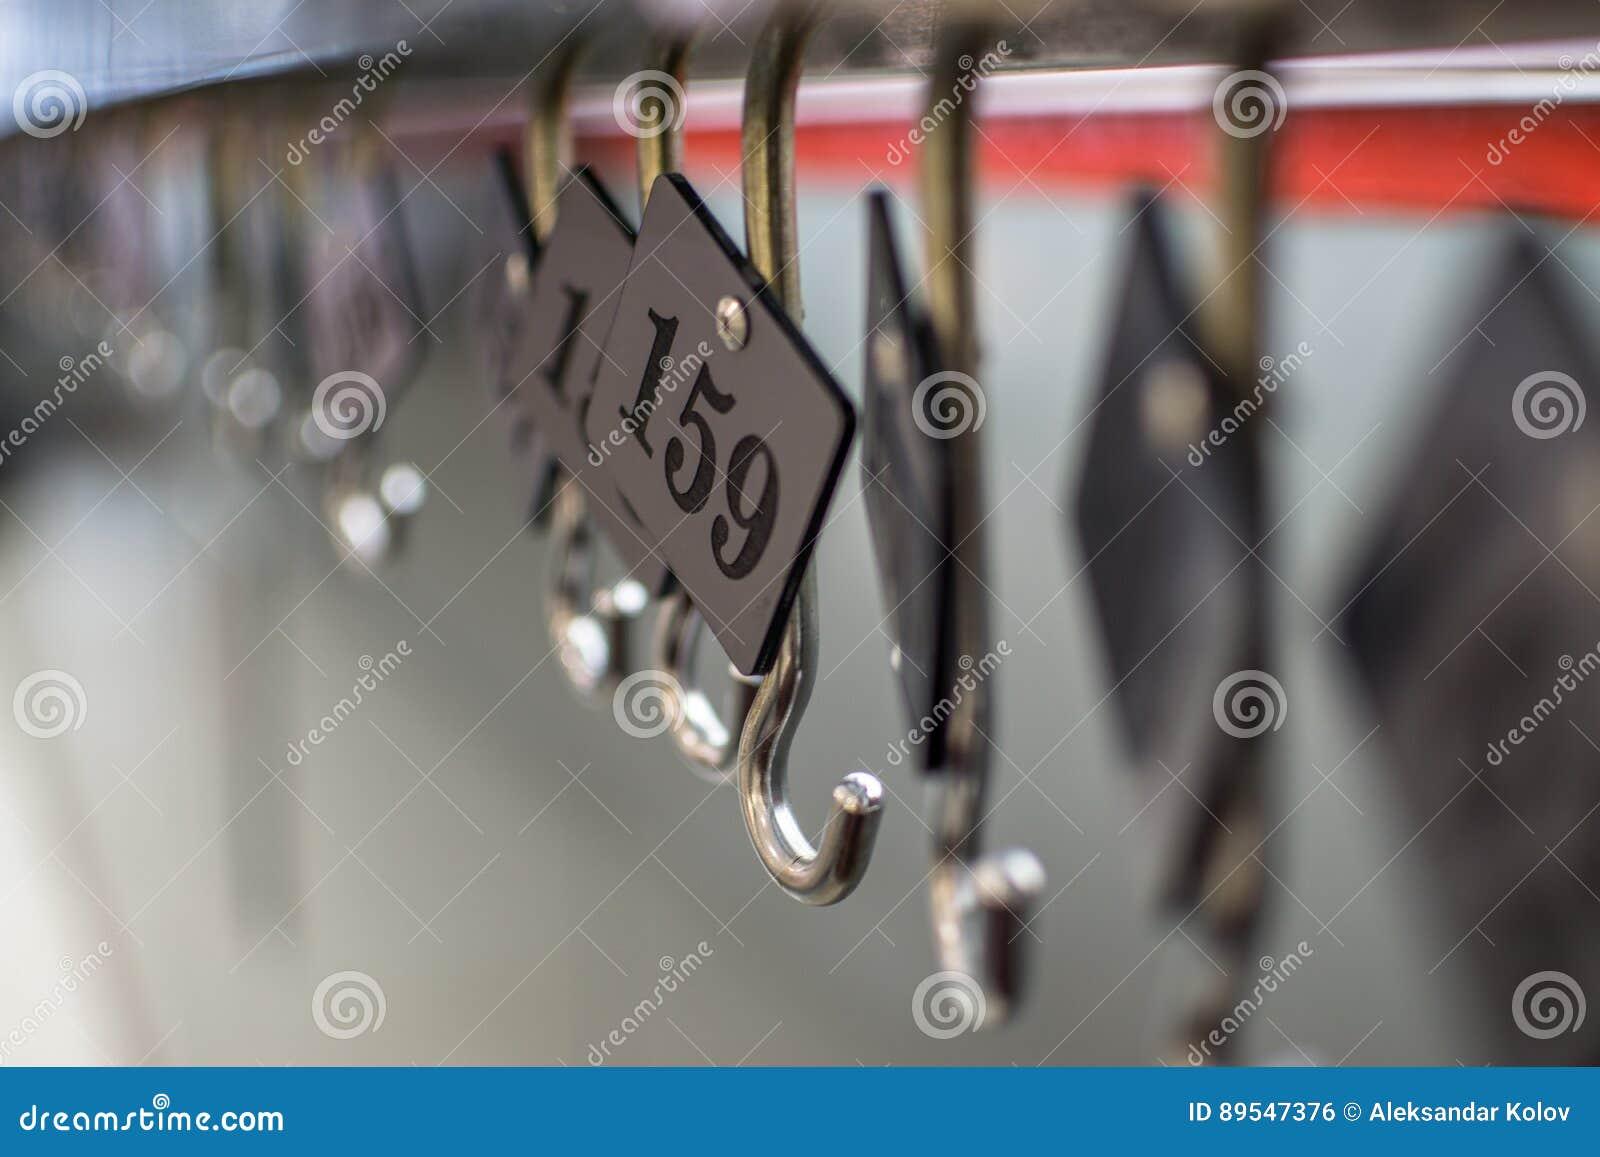 Numeri Per Guardaroba.Numeri Del Guardaroba Fotografia Stock Immagine Di Numerato